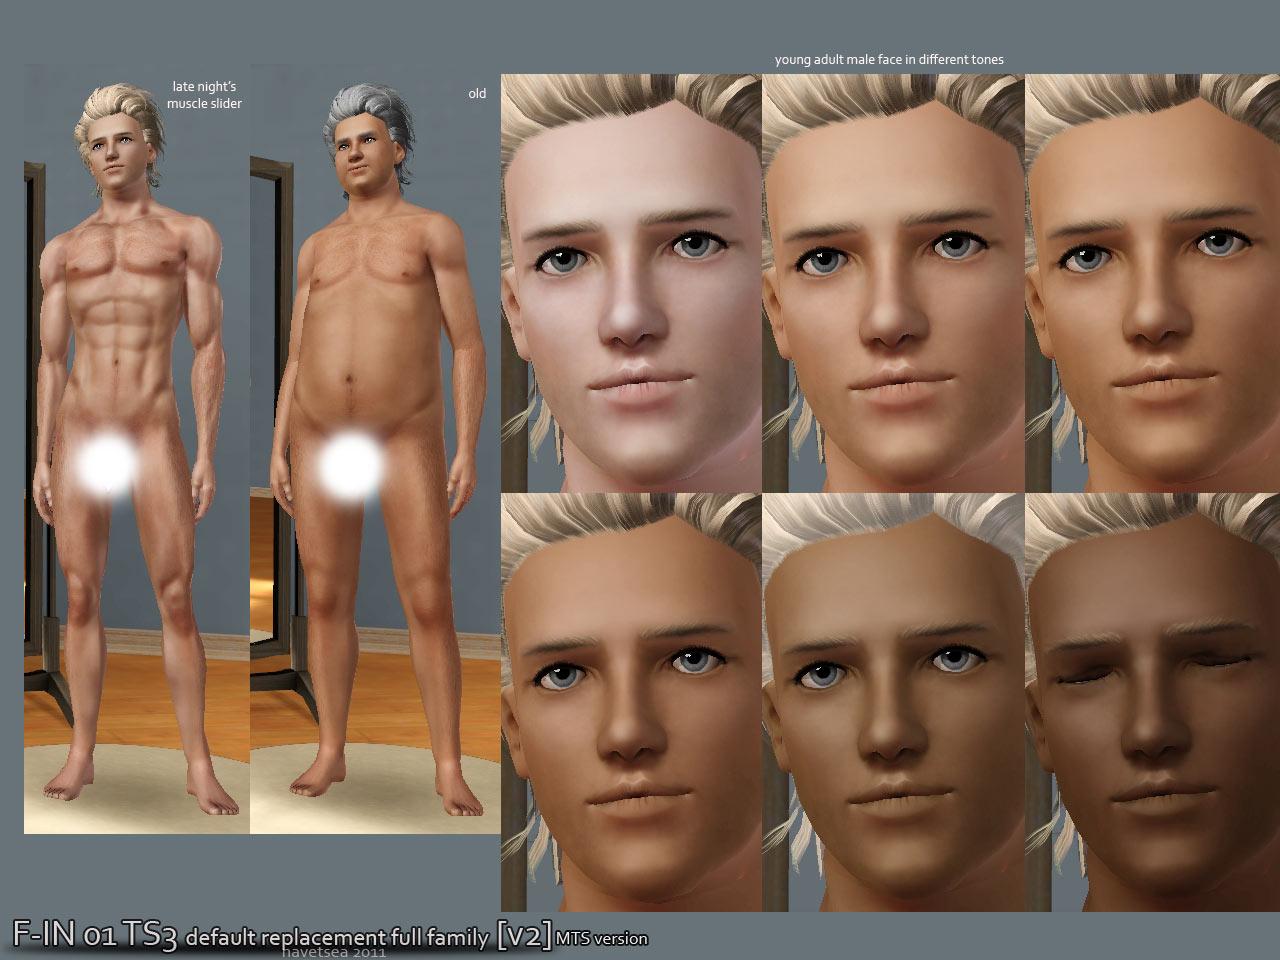 Sims 3 nude patch problem pron scene